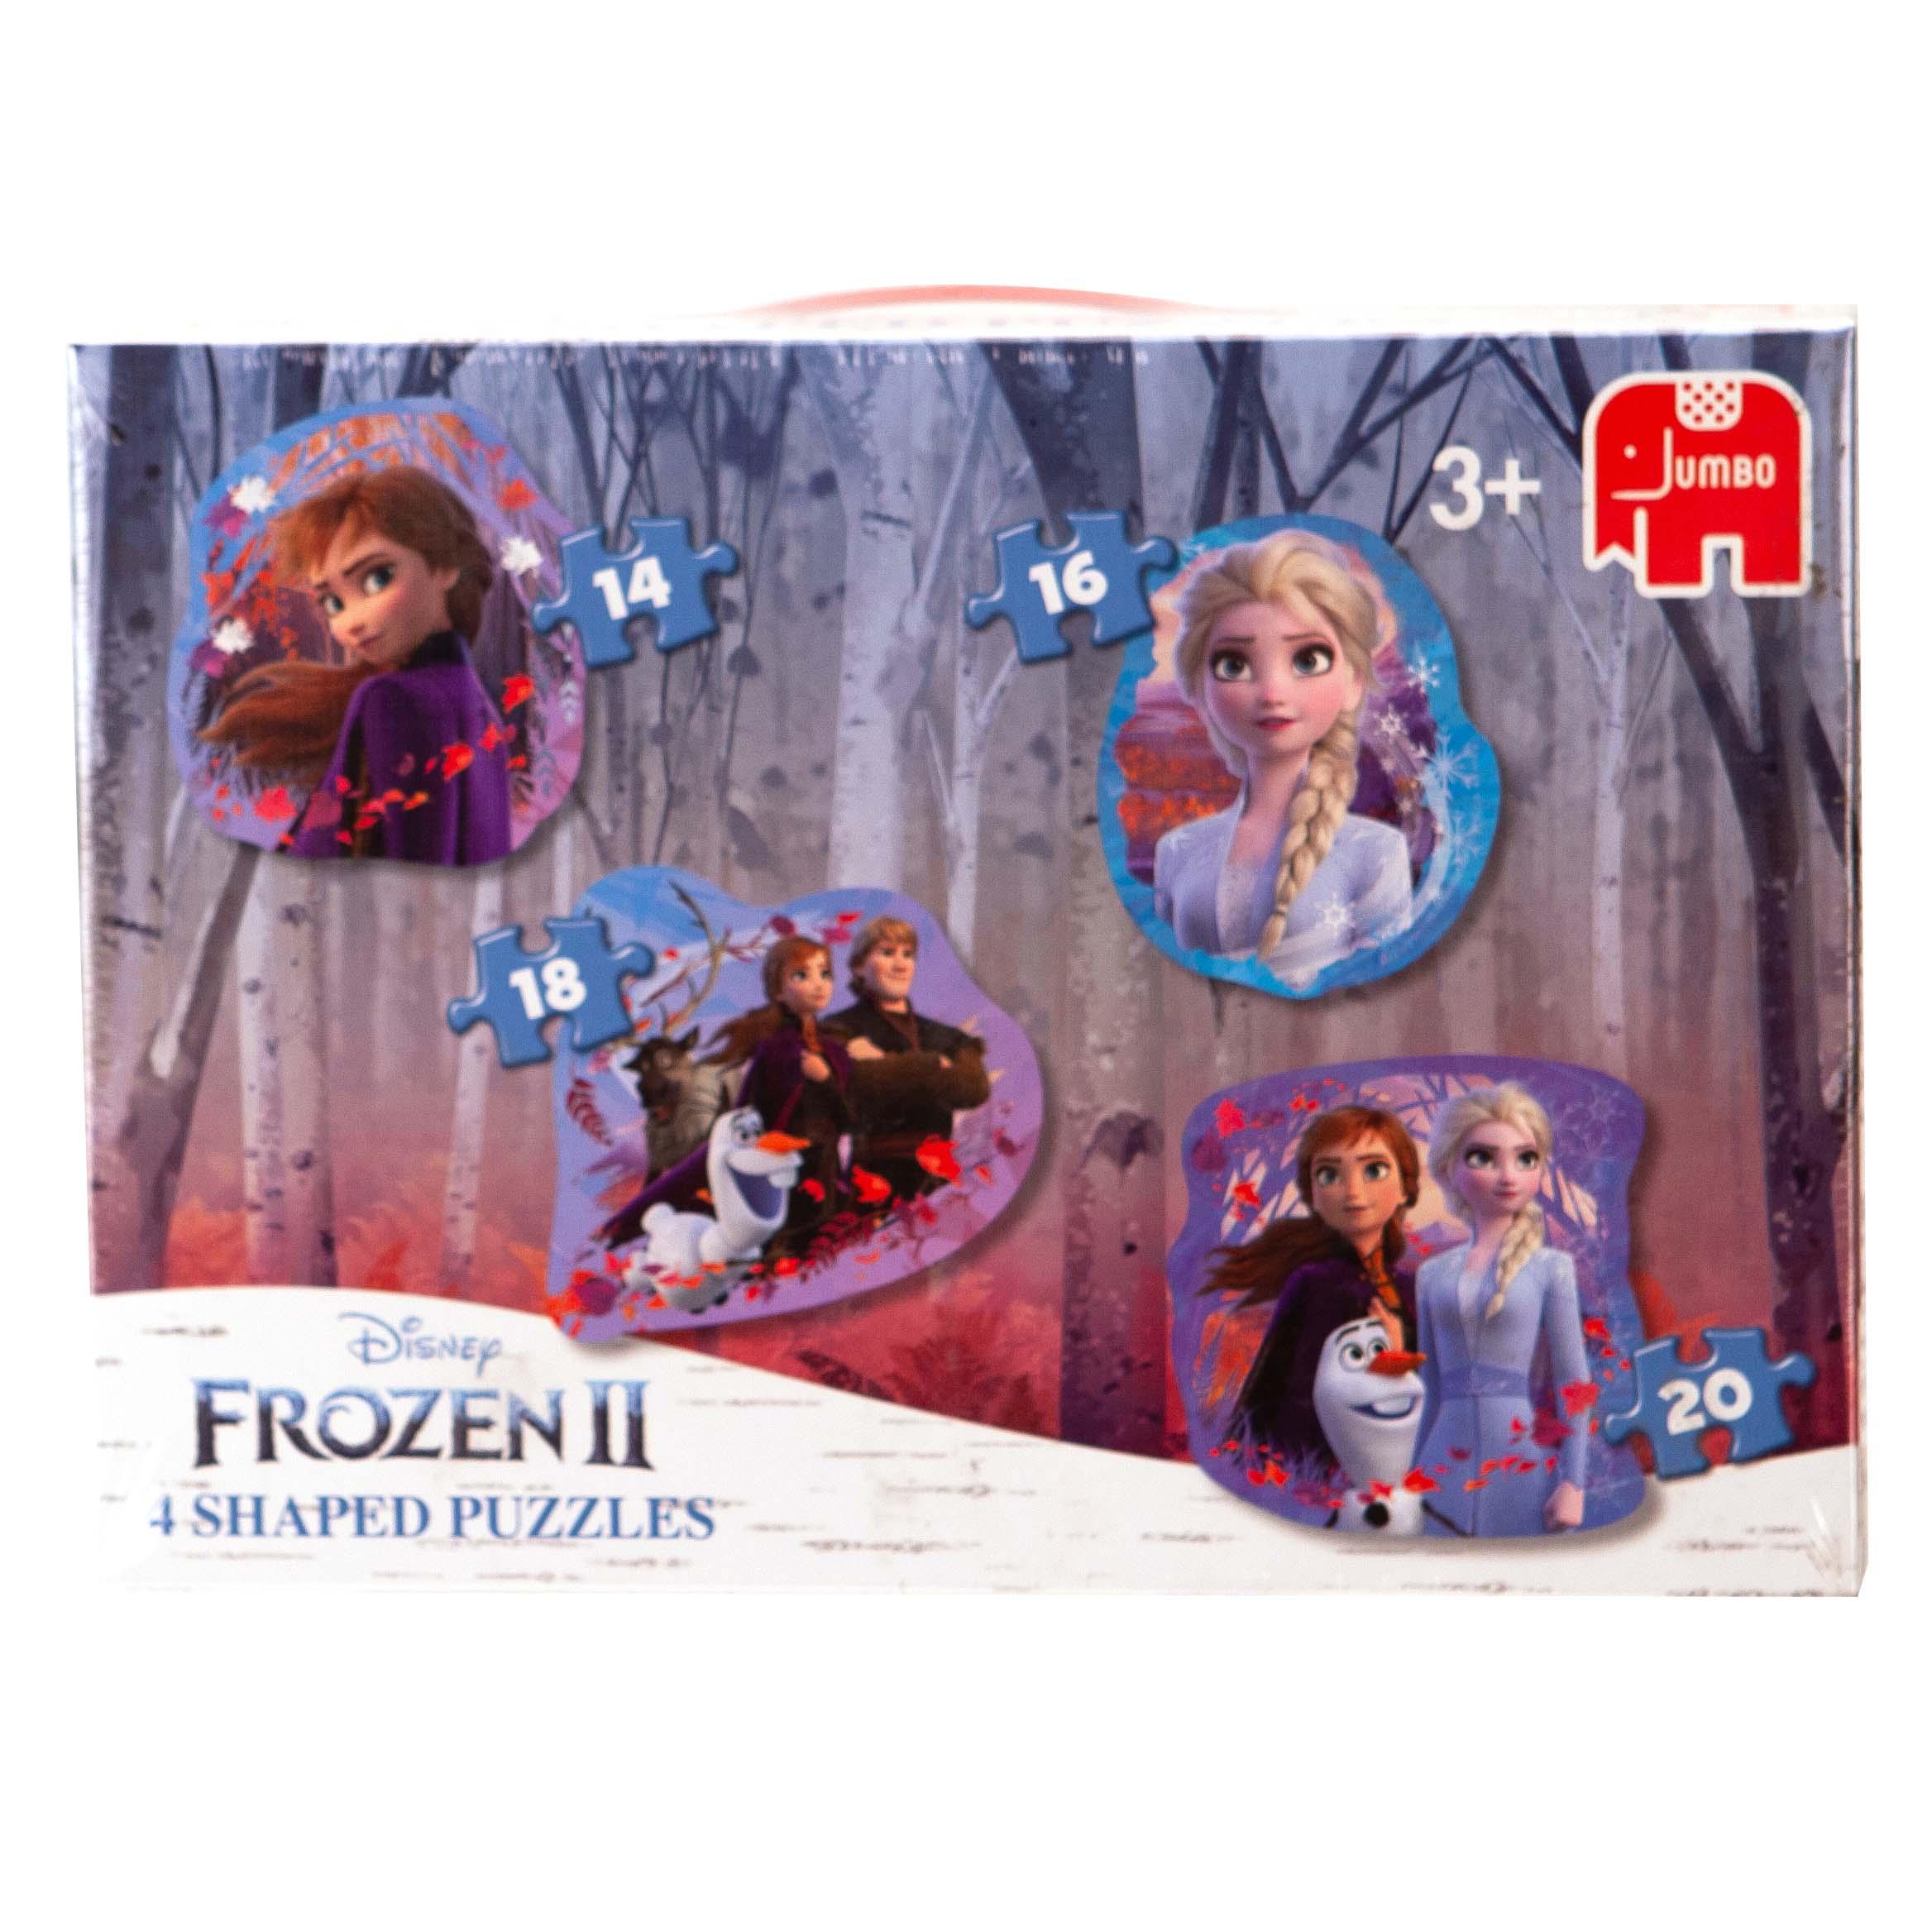 Afbeelding van Puzzel 4 In 1 Shaped Disney Frozen 2